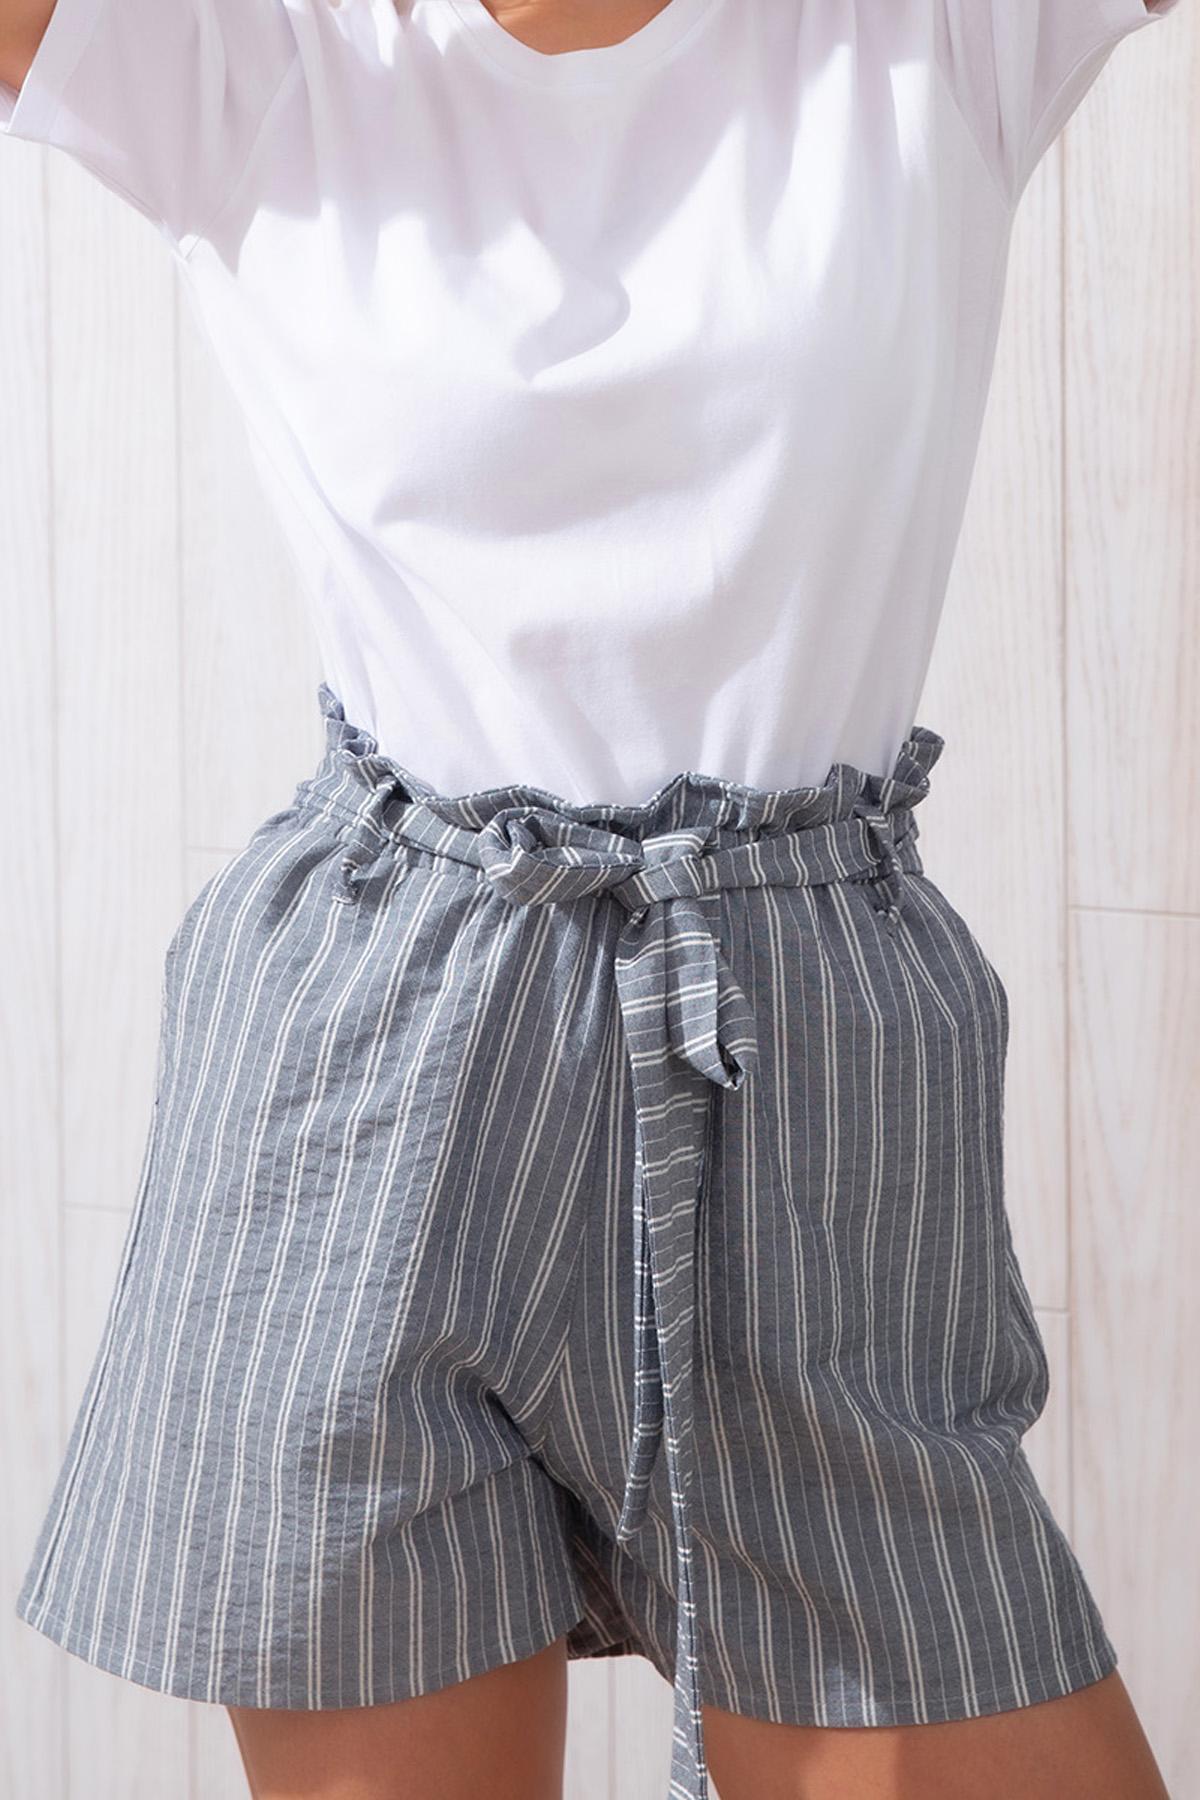 Kadın Ev Giyim Şort